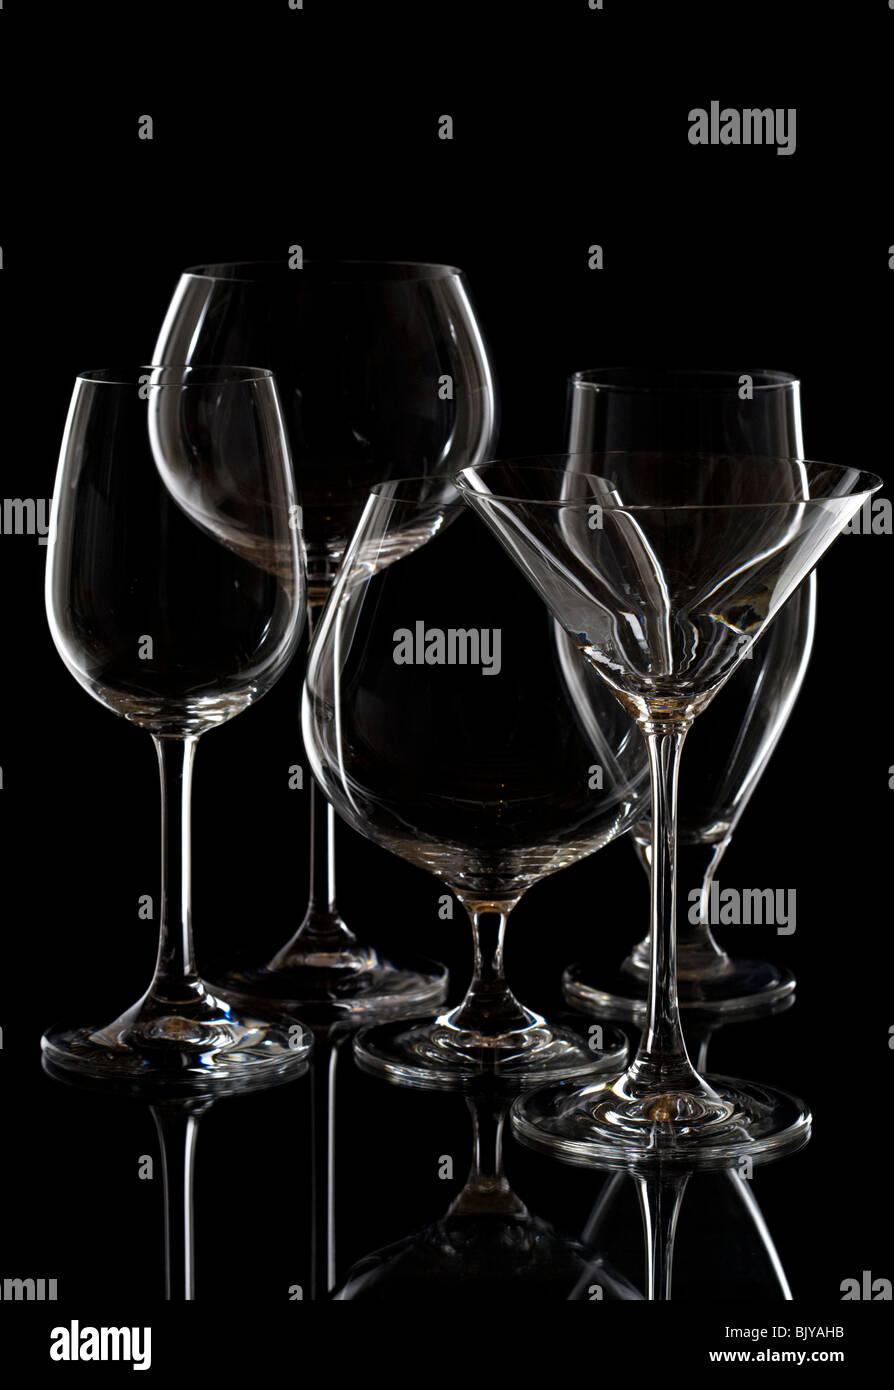 Conjunto de bar cristalería aislado sobre fondo negro Imagen De Stock